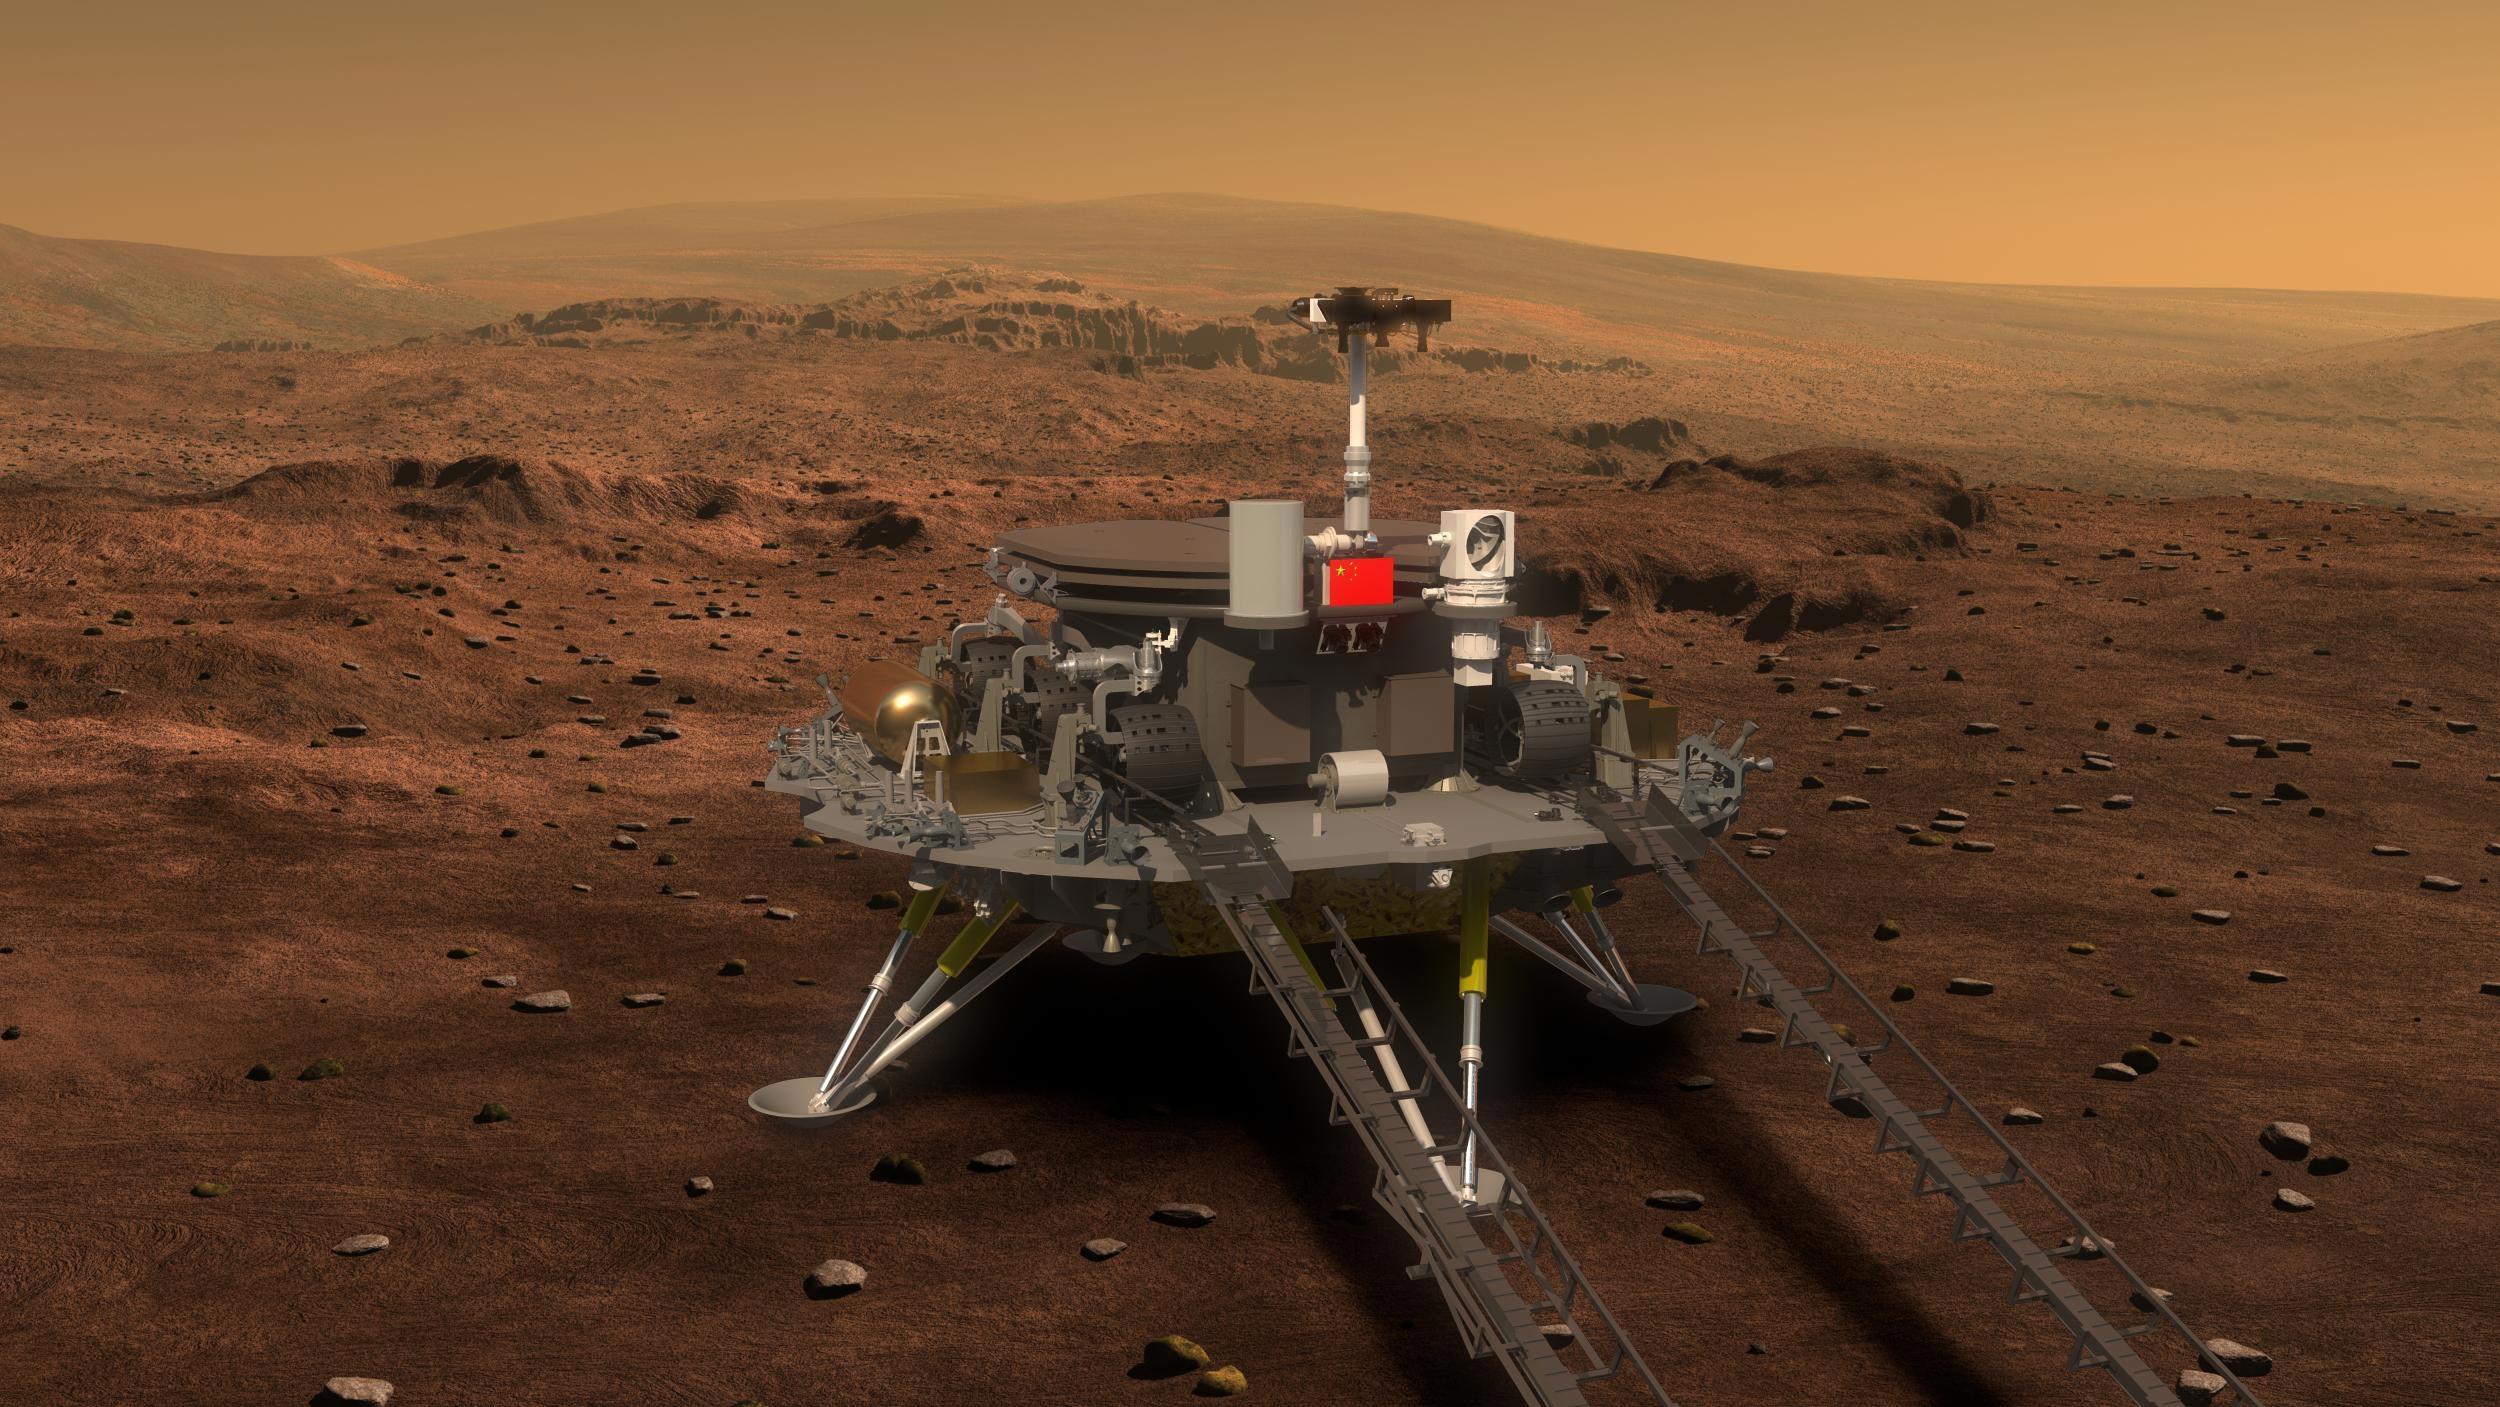 Le robot chinois Zhu Rong s'est posé sur Mars le 15 mai 2021. (Source : Scitechdaily)